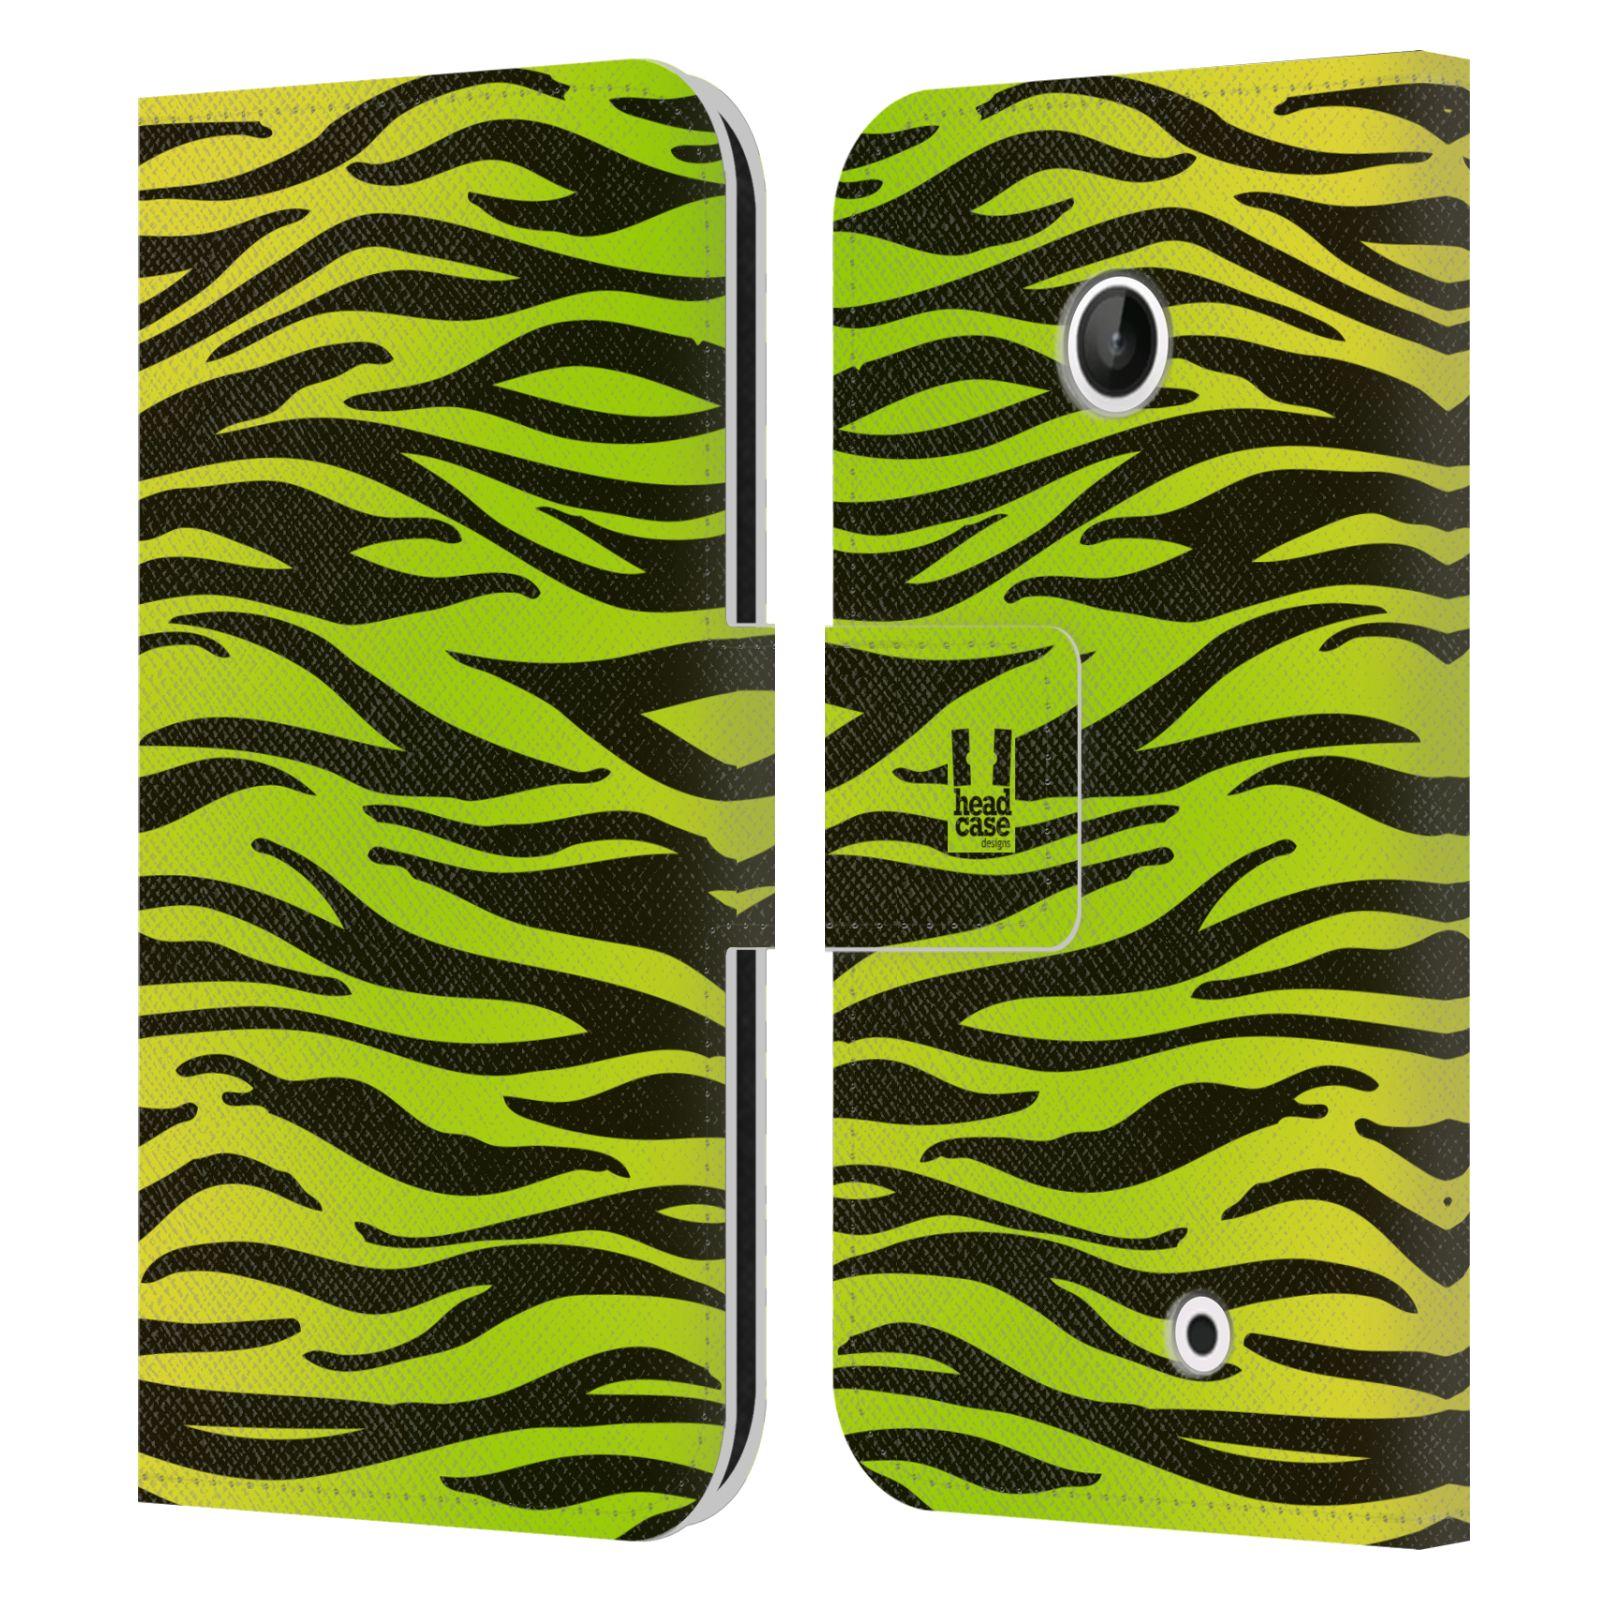 HEAD CASE Flipové pouzdro pro mobil NOKIA LUMIA 630 / LUMIA 630 DUAL Zvířecí barevné vzory žlutozelená zebra